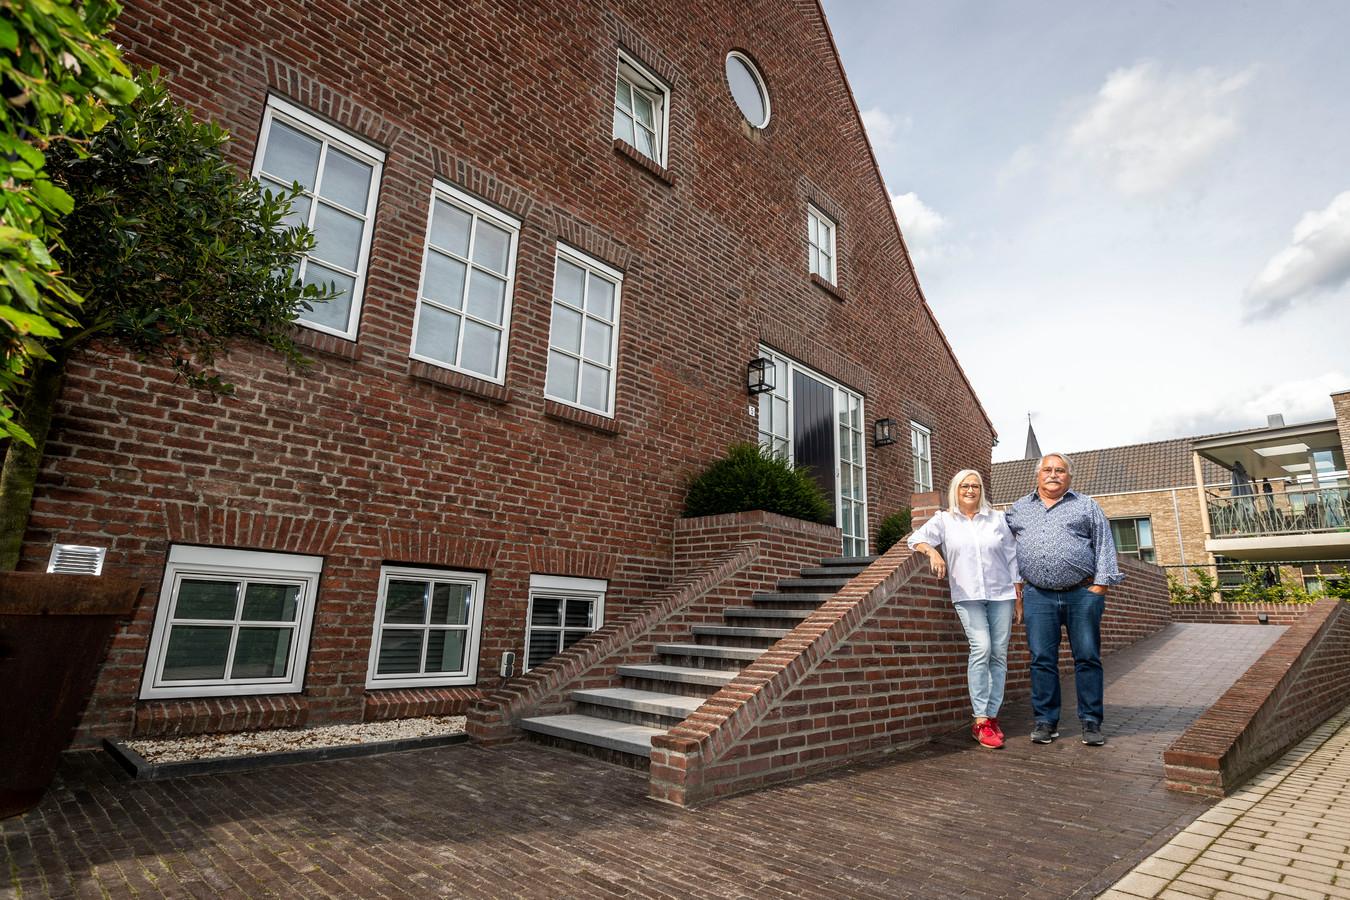 Ann en Wil Maas bij hun woning, het voormalige parochiehuis De Vank.